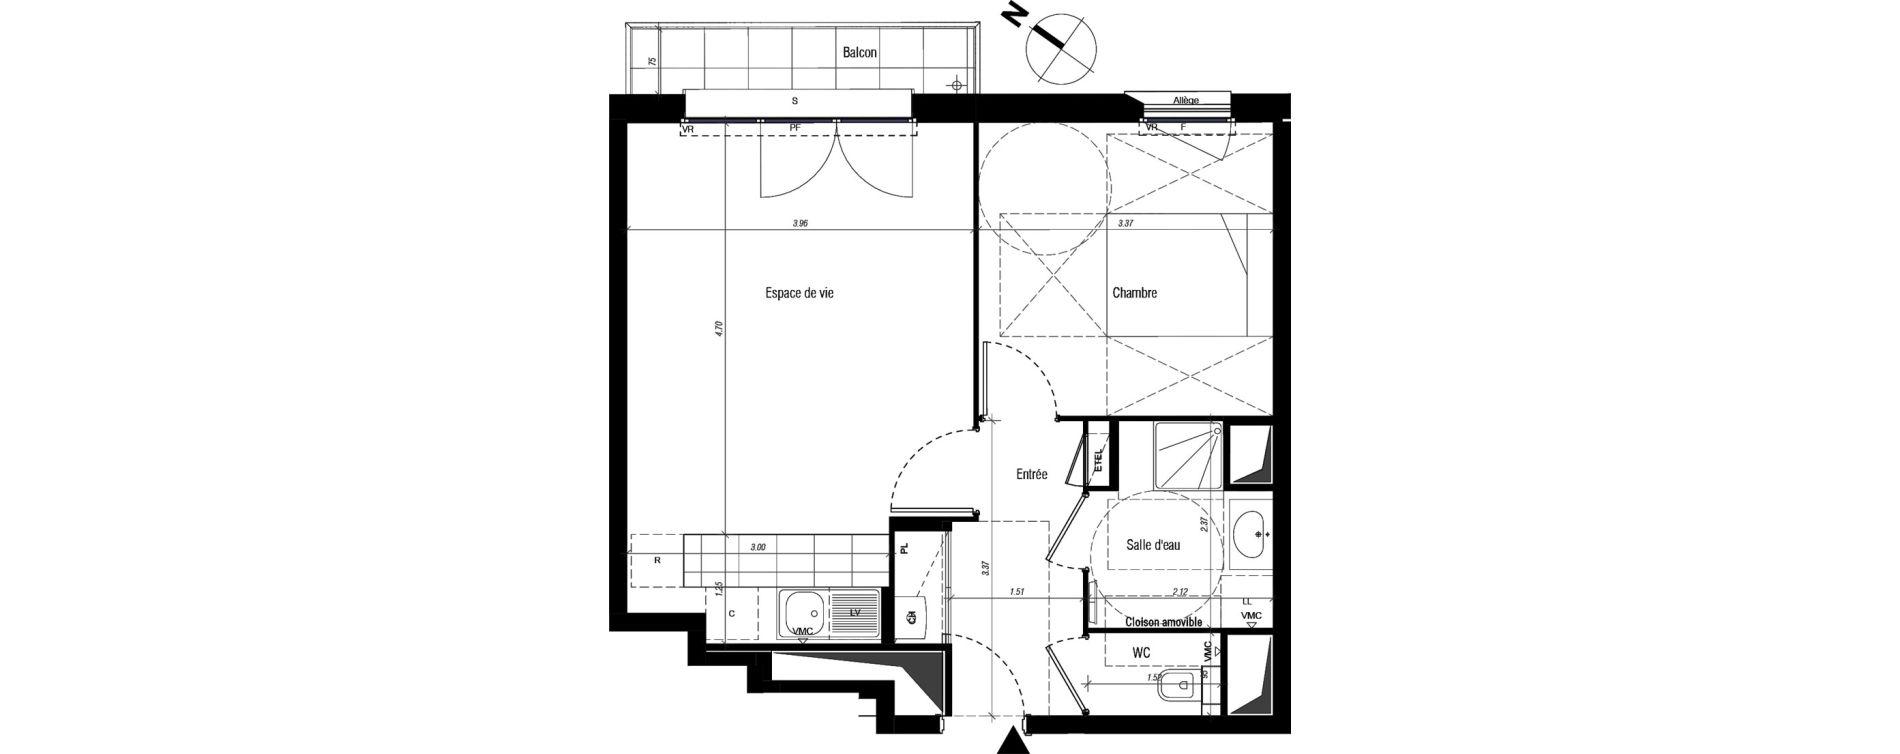 Appartement T2 de 44,40 m2 à Drancy Centre